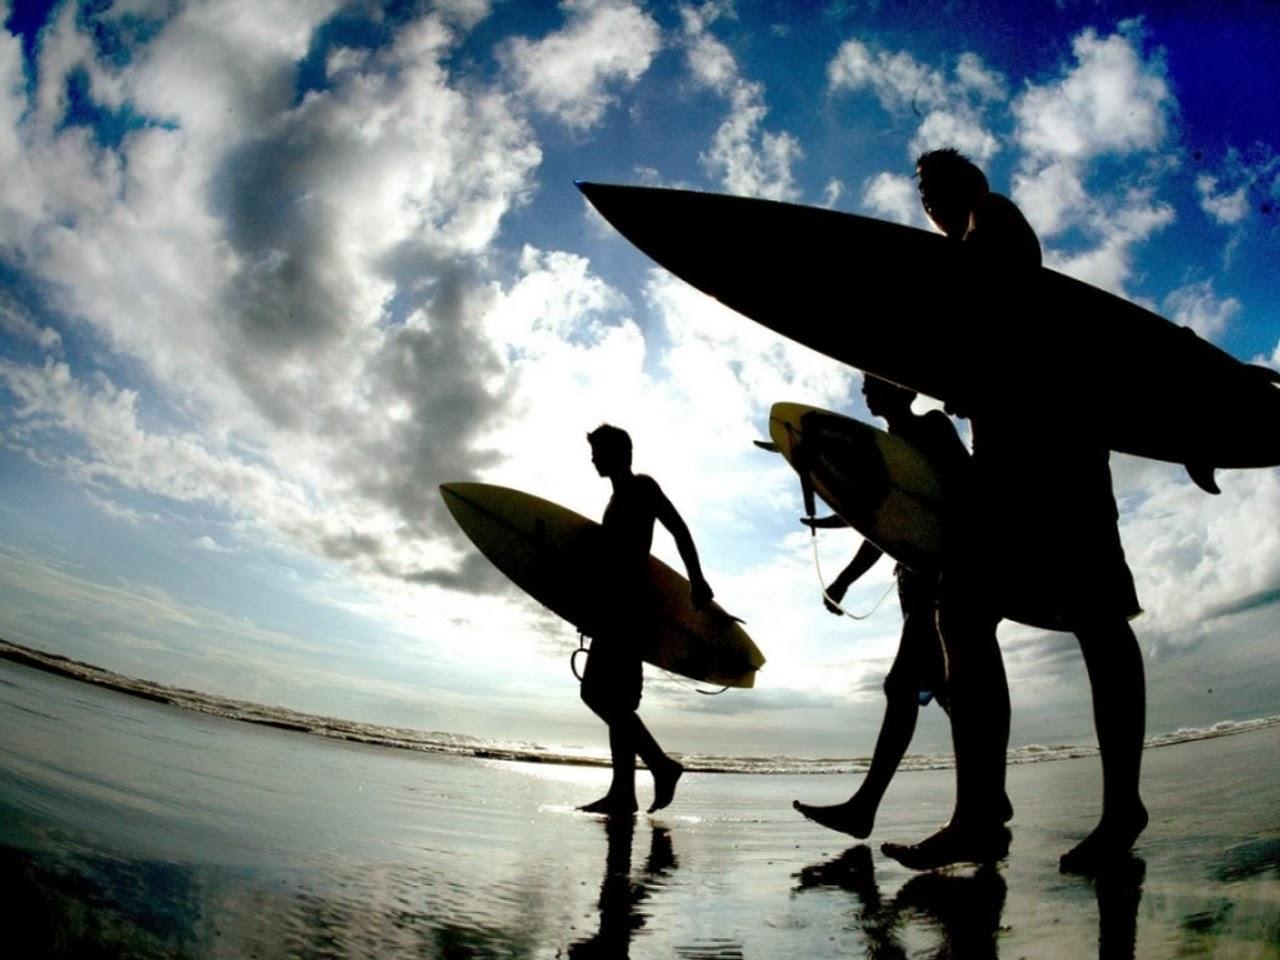 No puedes parar las olas pero puedes aprender a surfear. #ideas2helpu